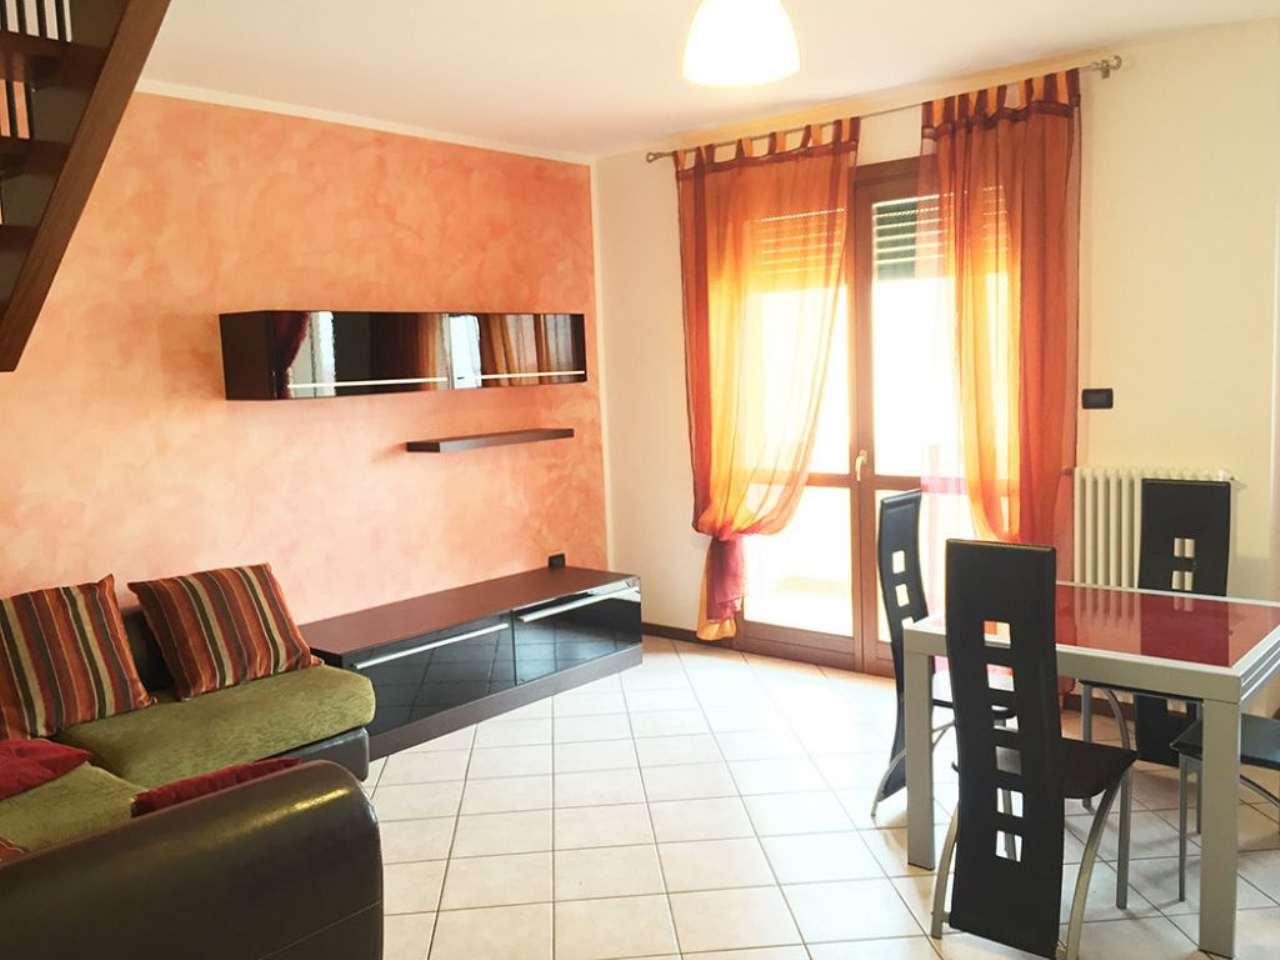 Appartamento in vendita a Piove di Sacco, 5 locali, prezzo € 120.000 | Cambio Casa.it